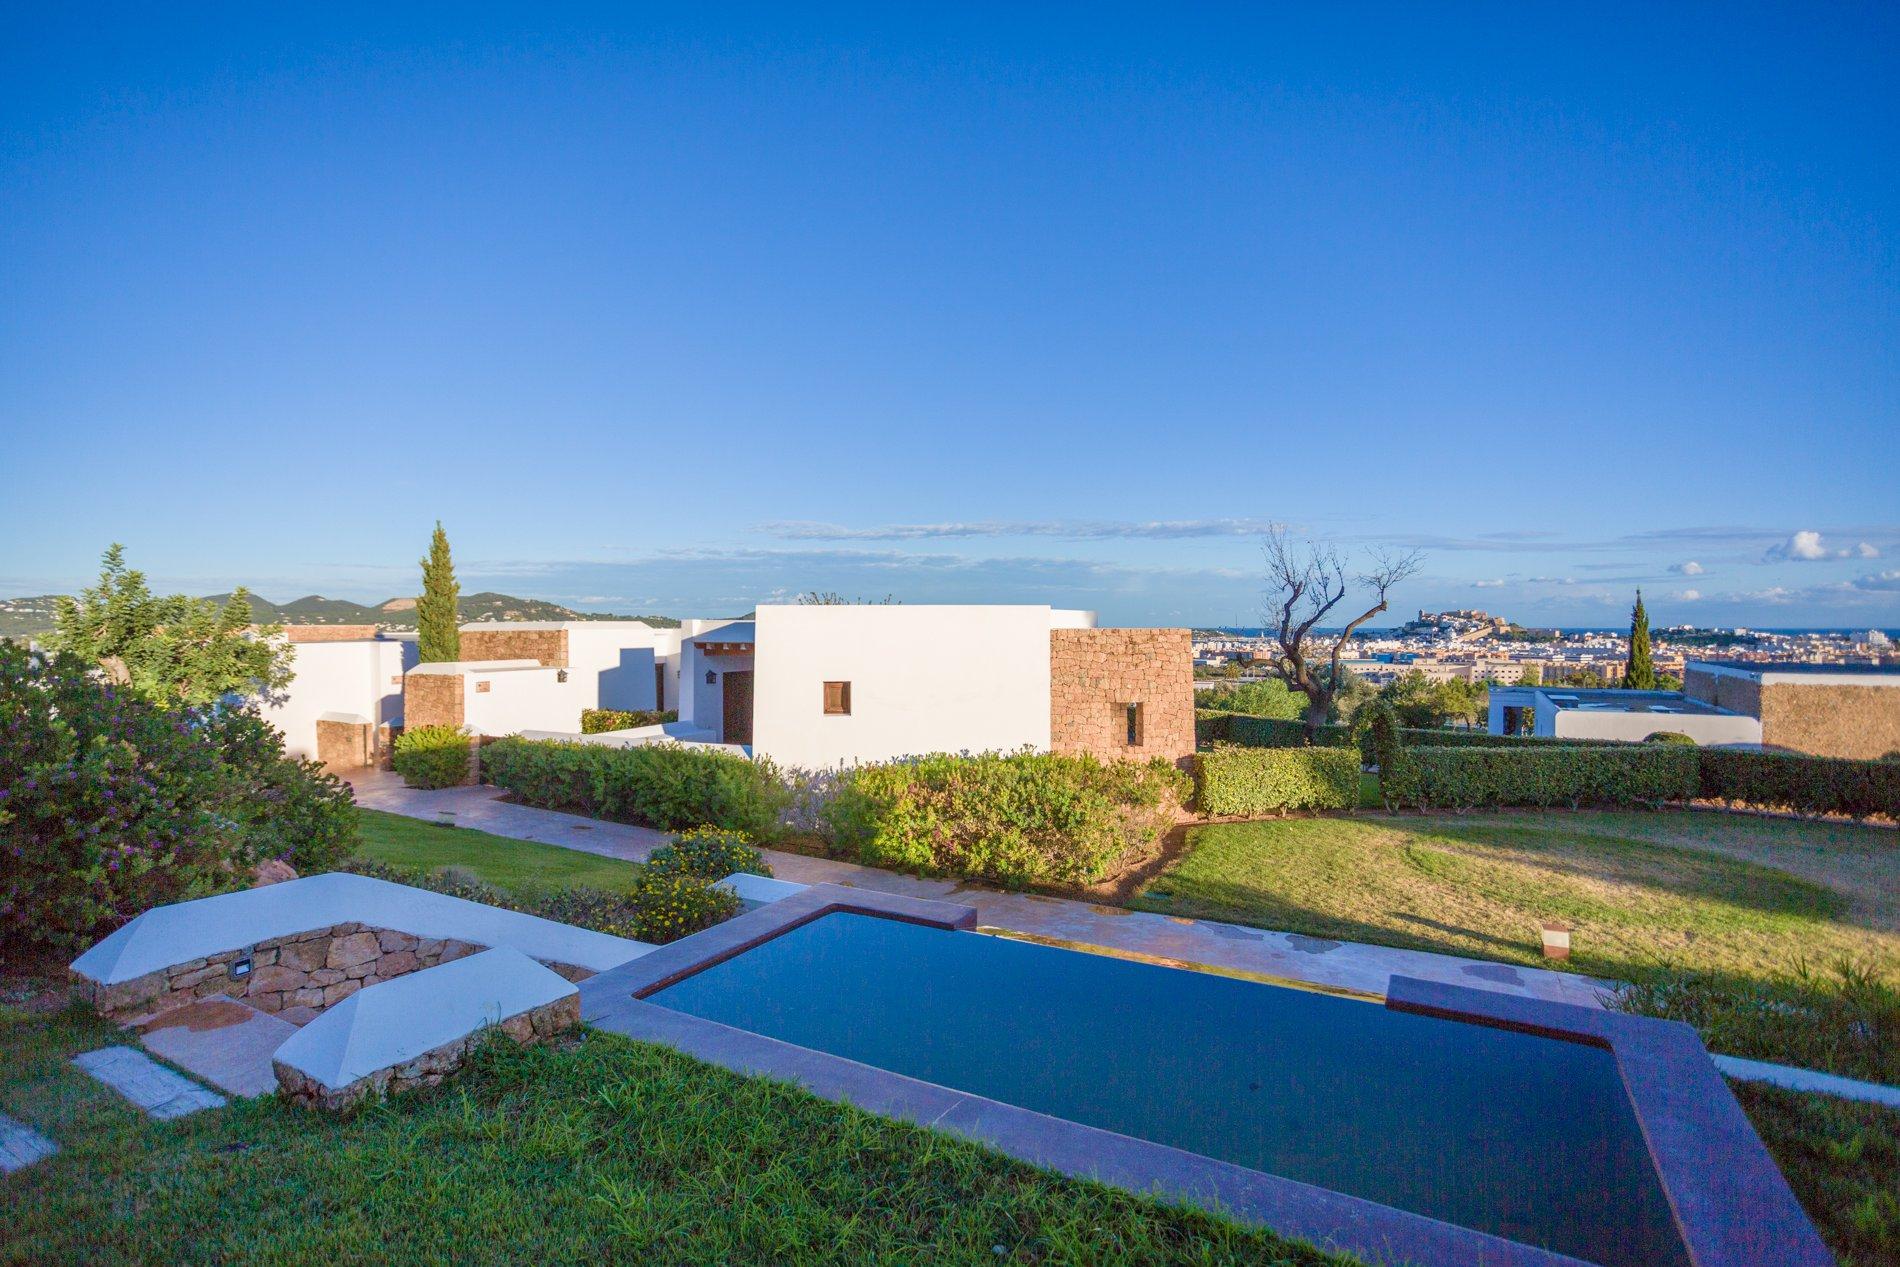 El hotel 'Casa Maca' está a escasos tres kilómetros del casco viejo de Ibiza, pero aquí se respira tranquilidad.